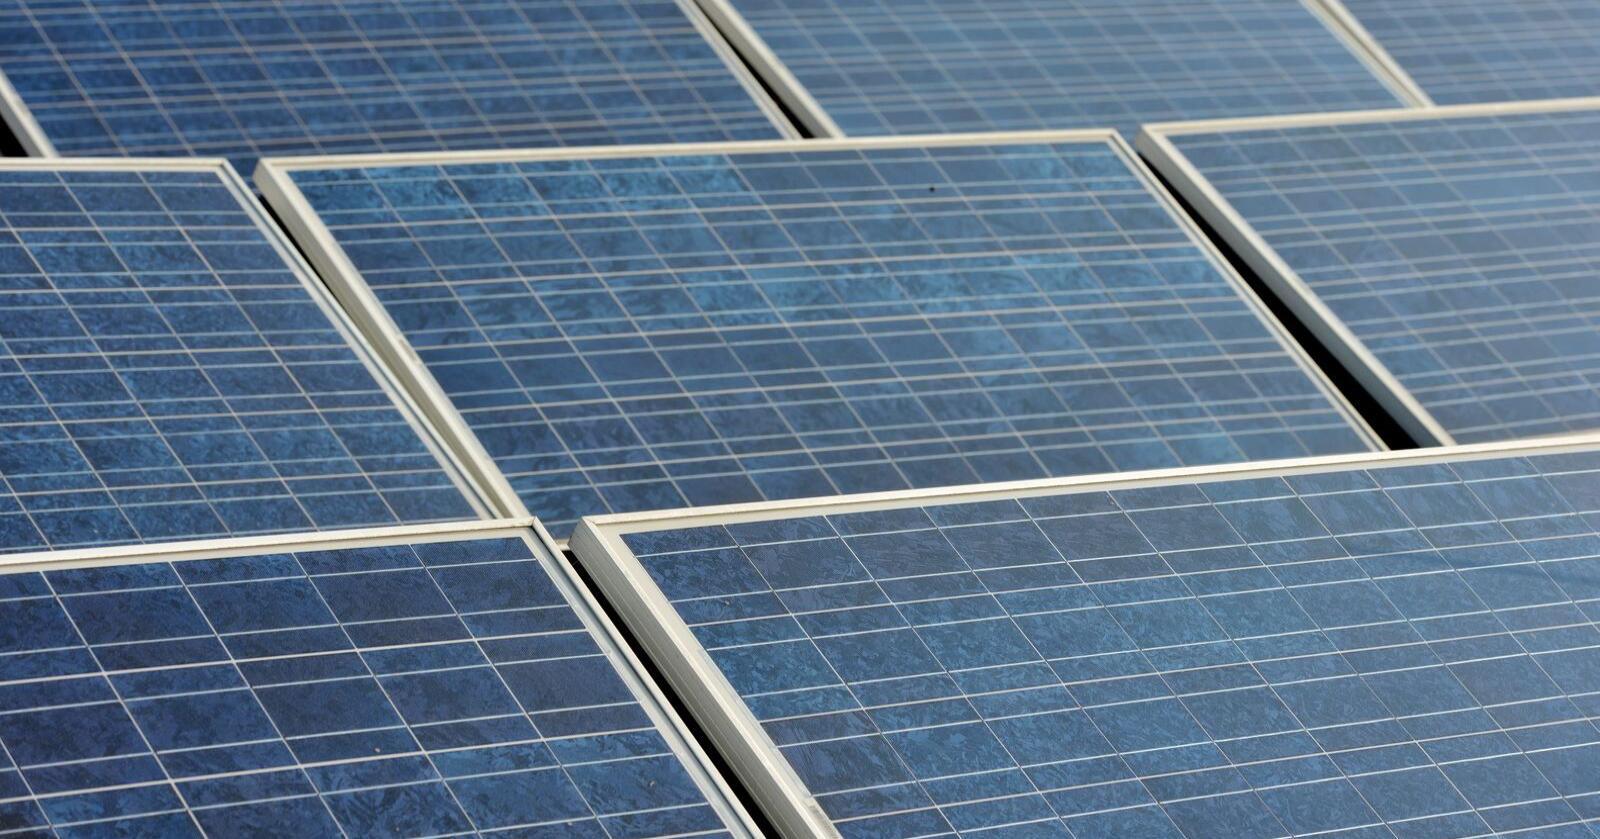 Solcellepaneler på taket av et hus. Foto: Frank May / NTB